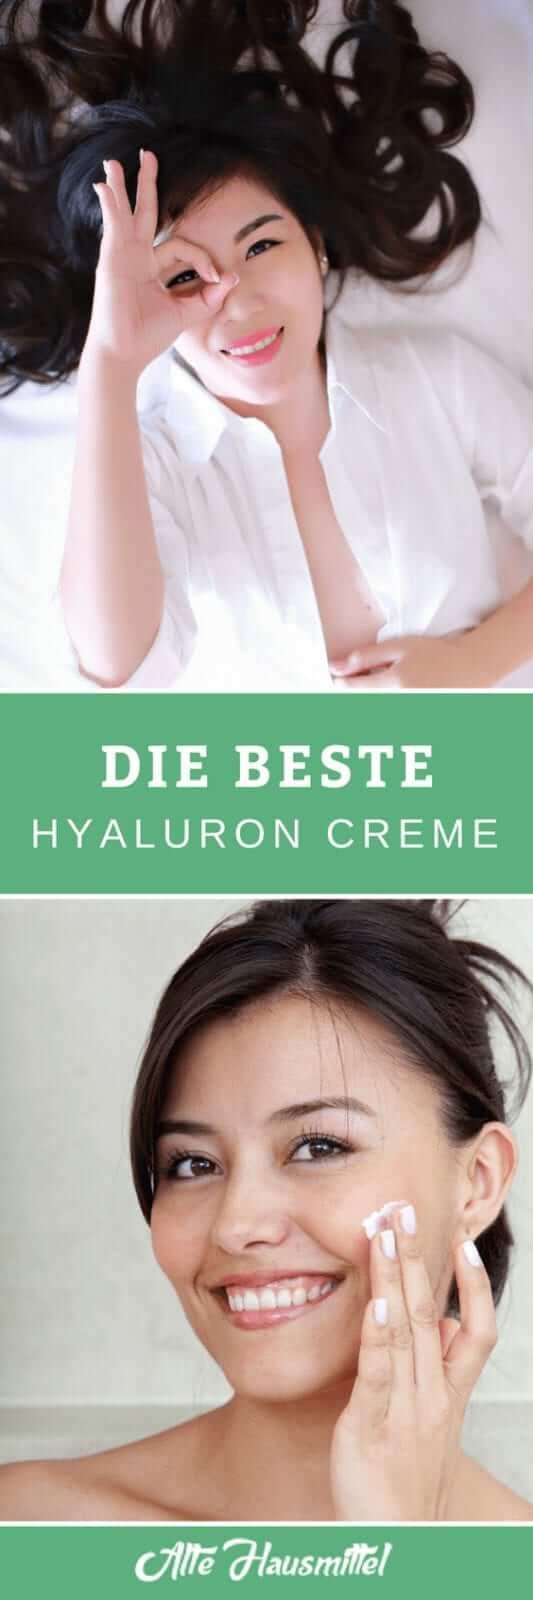 Hyaluron Cremes Vorteile Anwendung und Dosierung